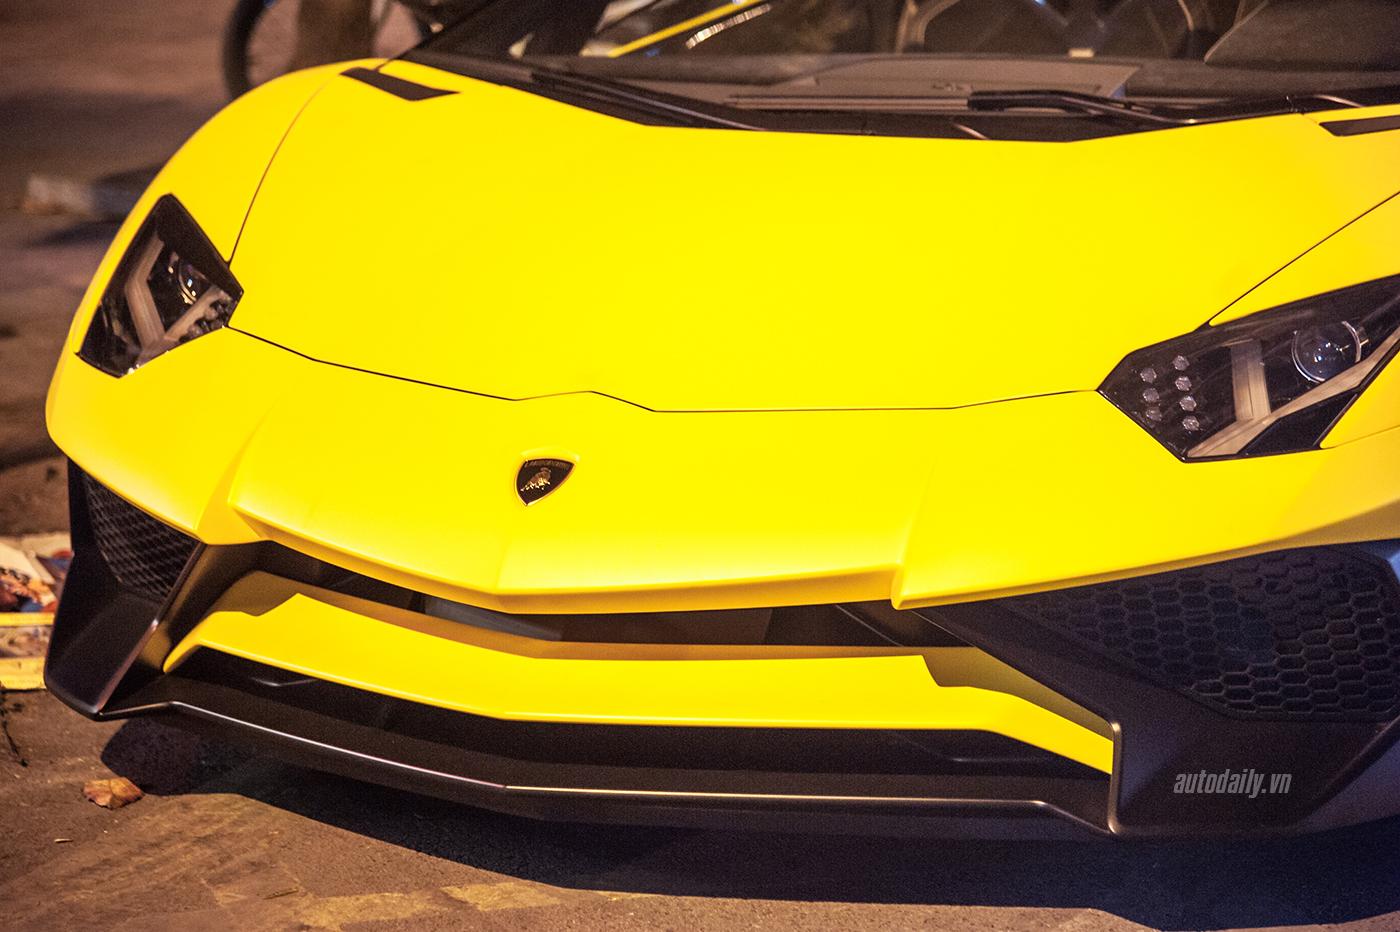 aventador-roadster-autodaily-10.jpg